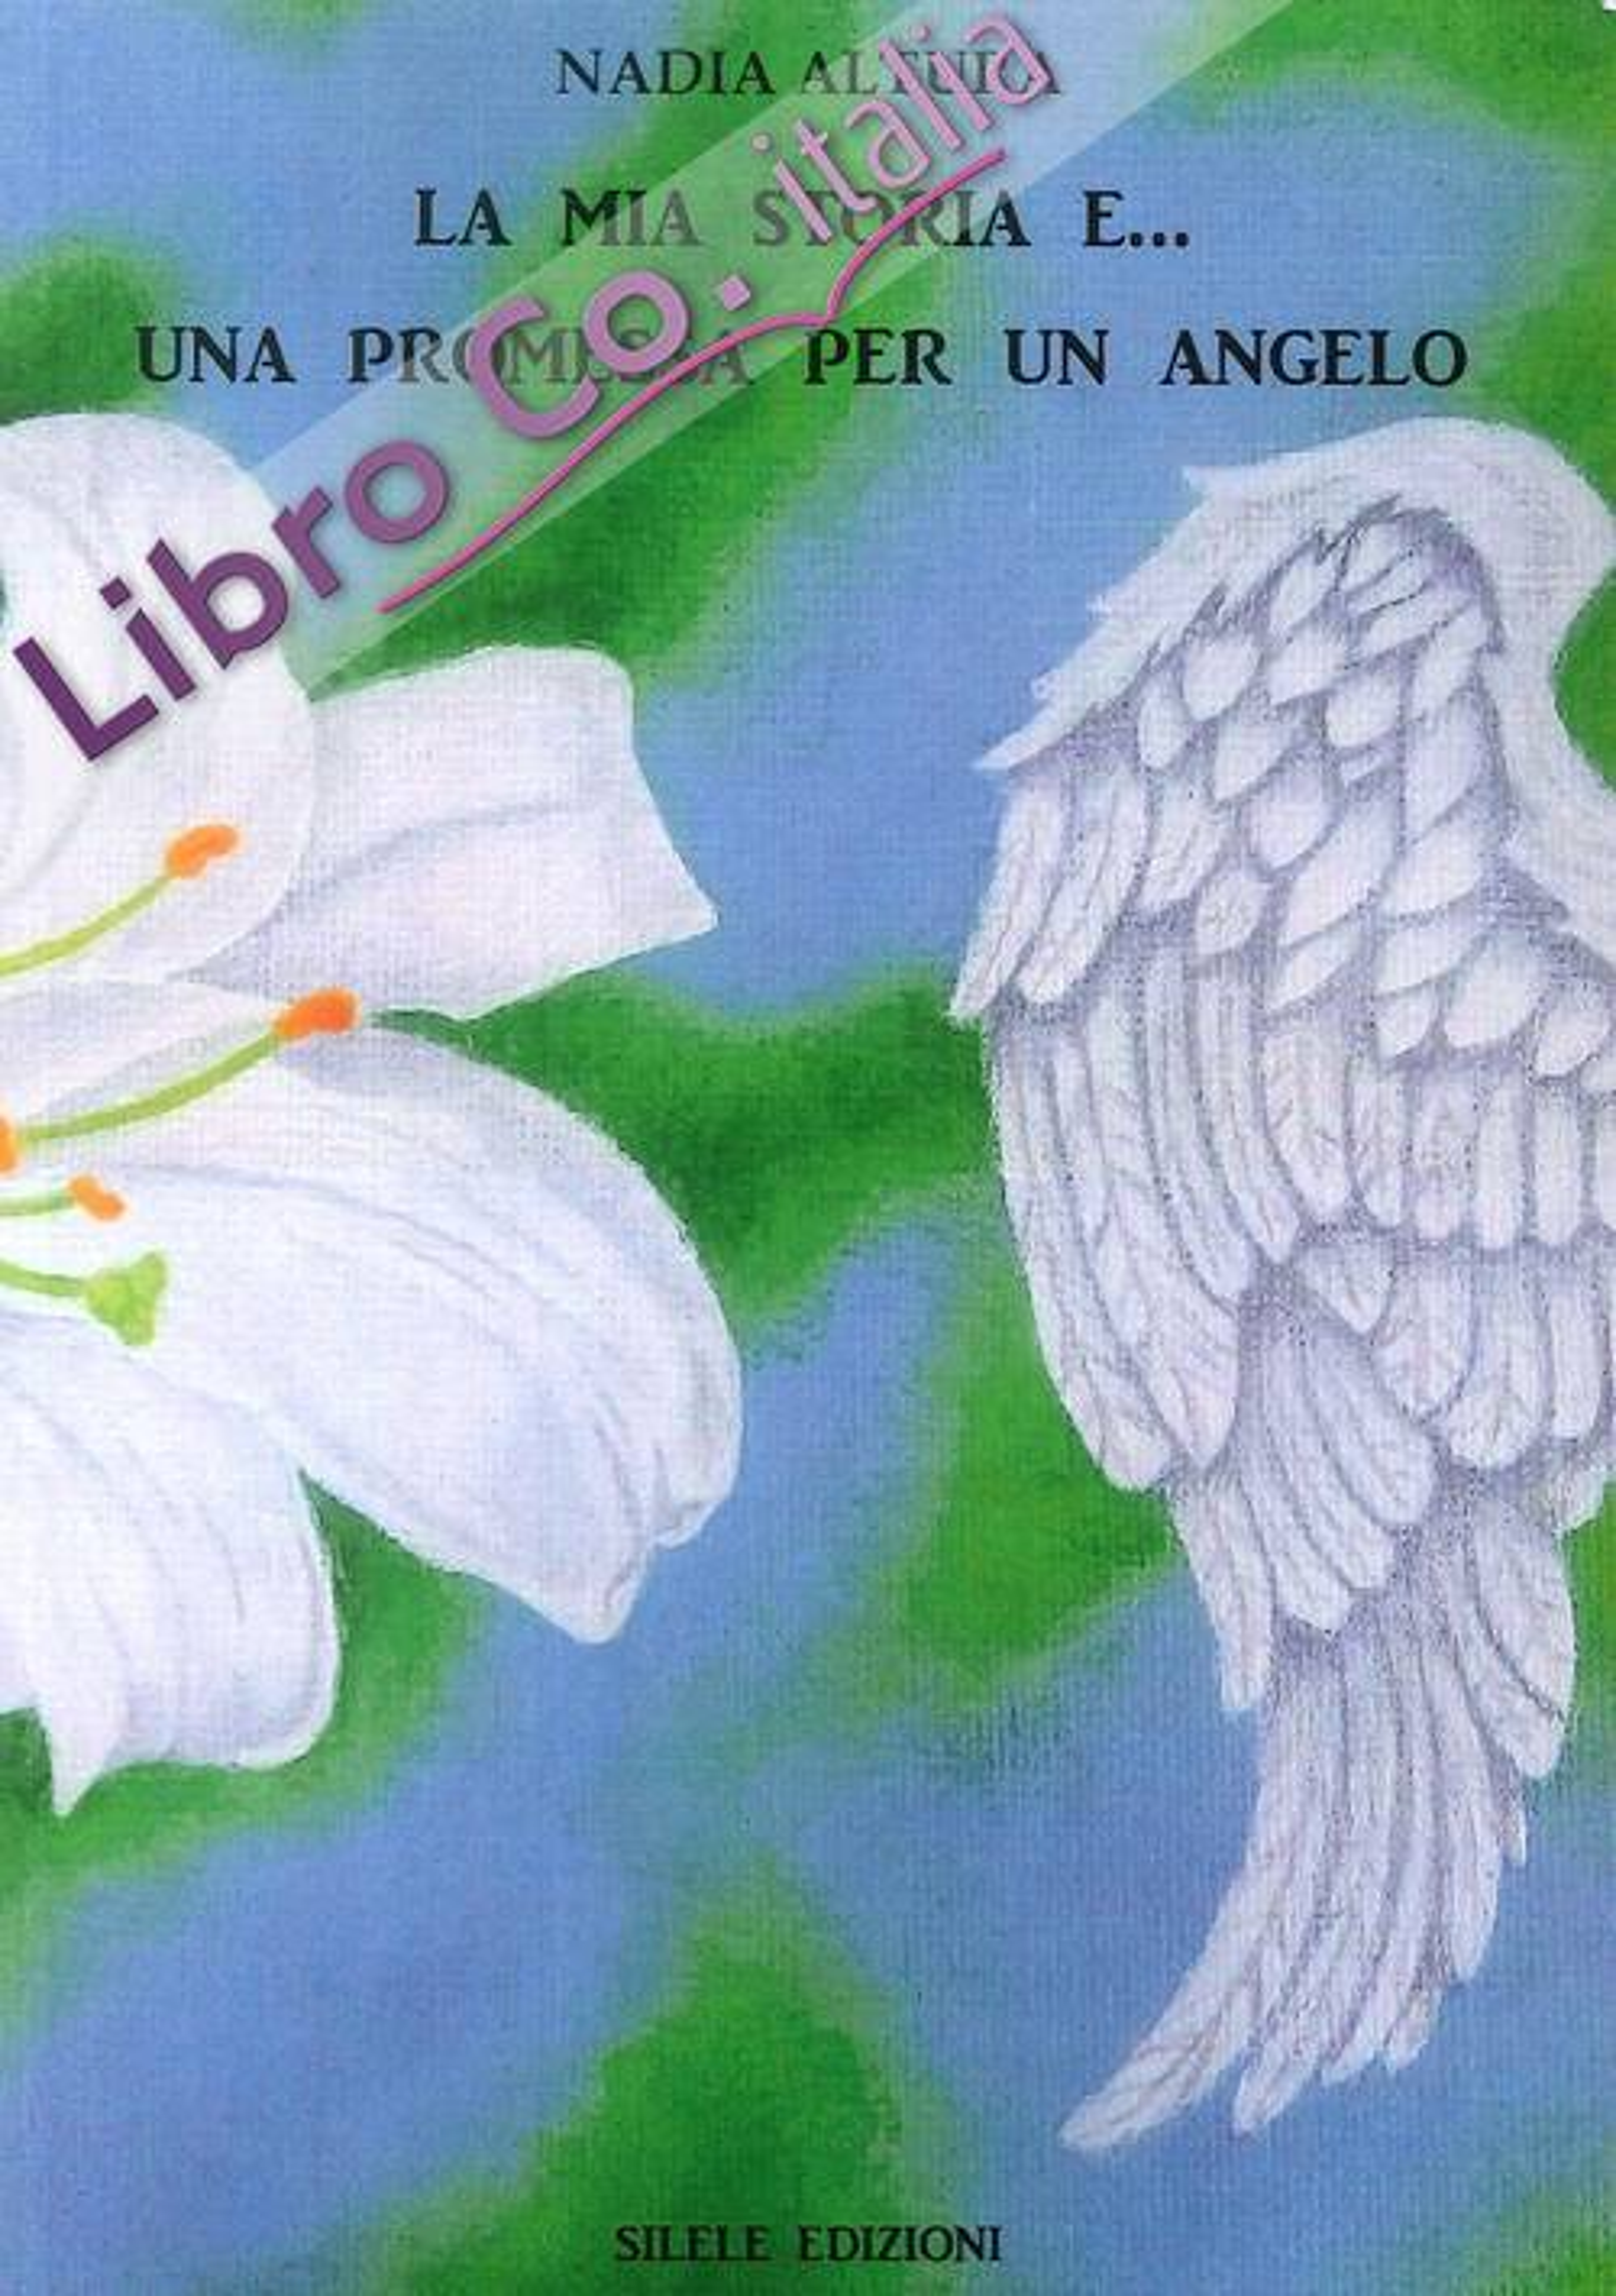 La mia storia e... Una promessa per un angelo